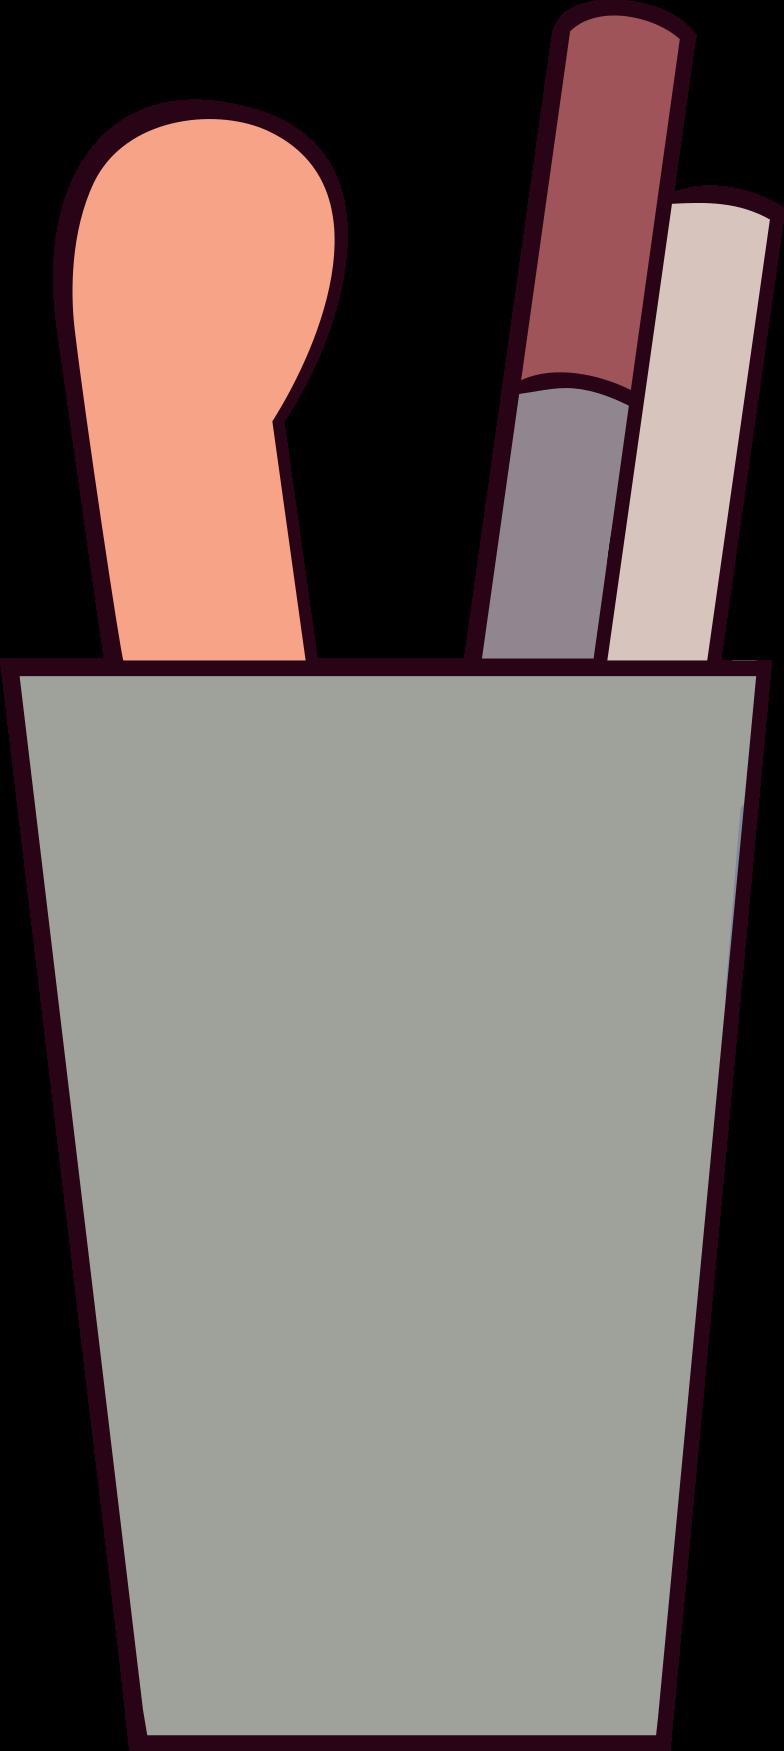 Illustration clipart pen aux formats PNG, SVG